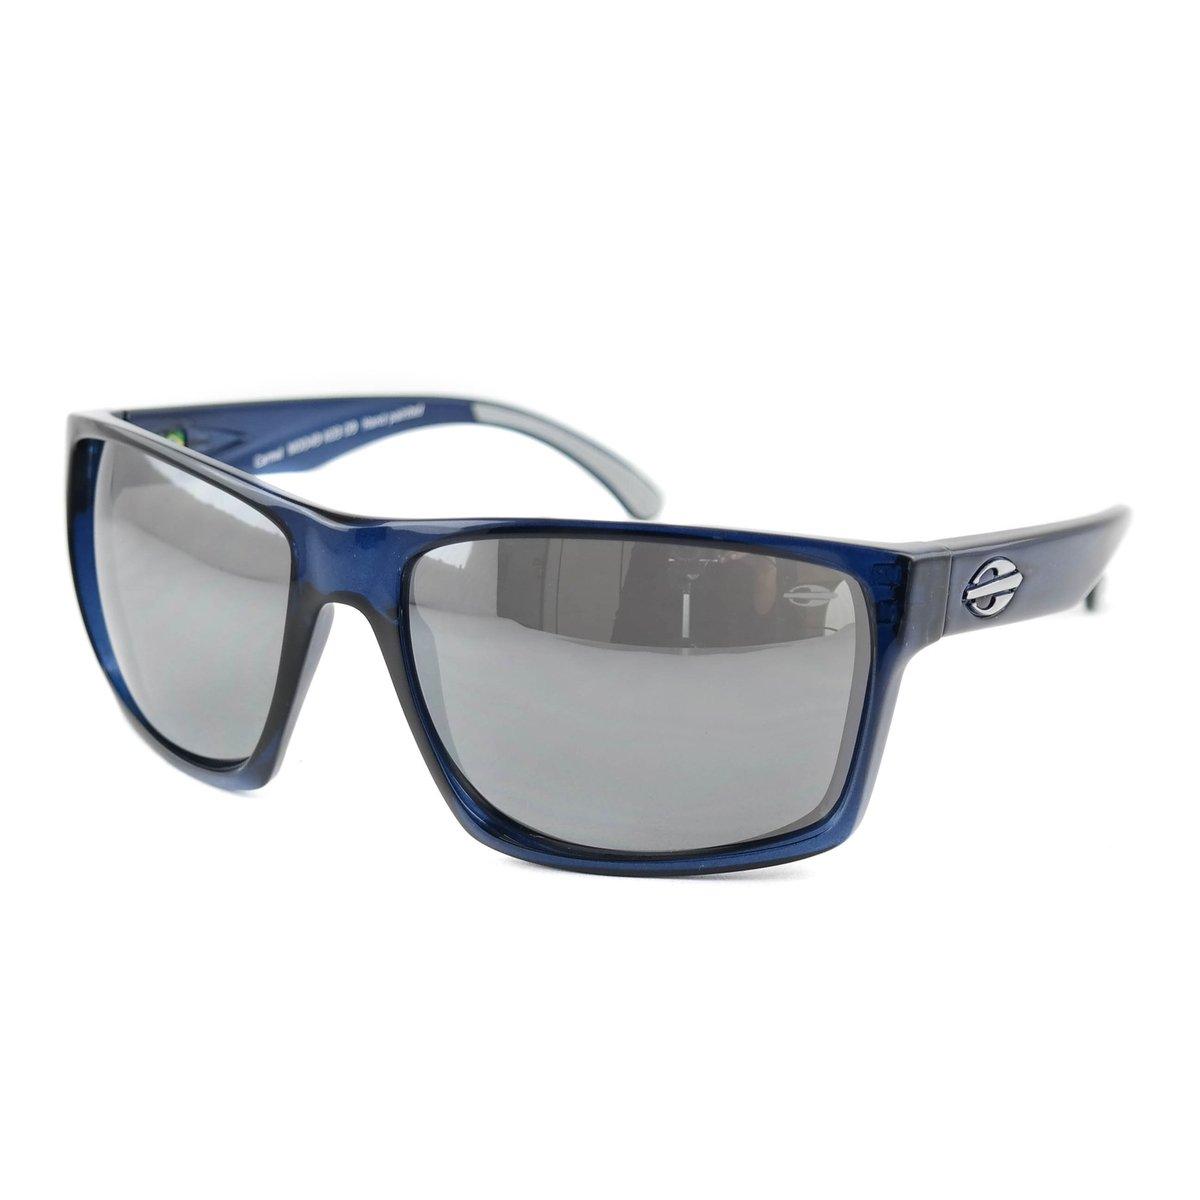 cb70a984d5155 Óculos de Sol Mormaii Carmel Espelhado - Compre Agora